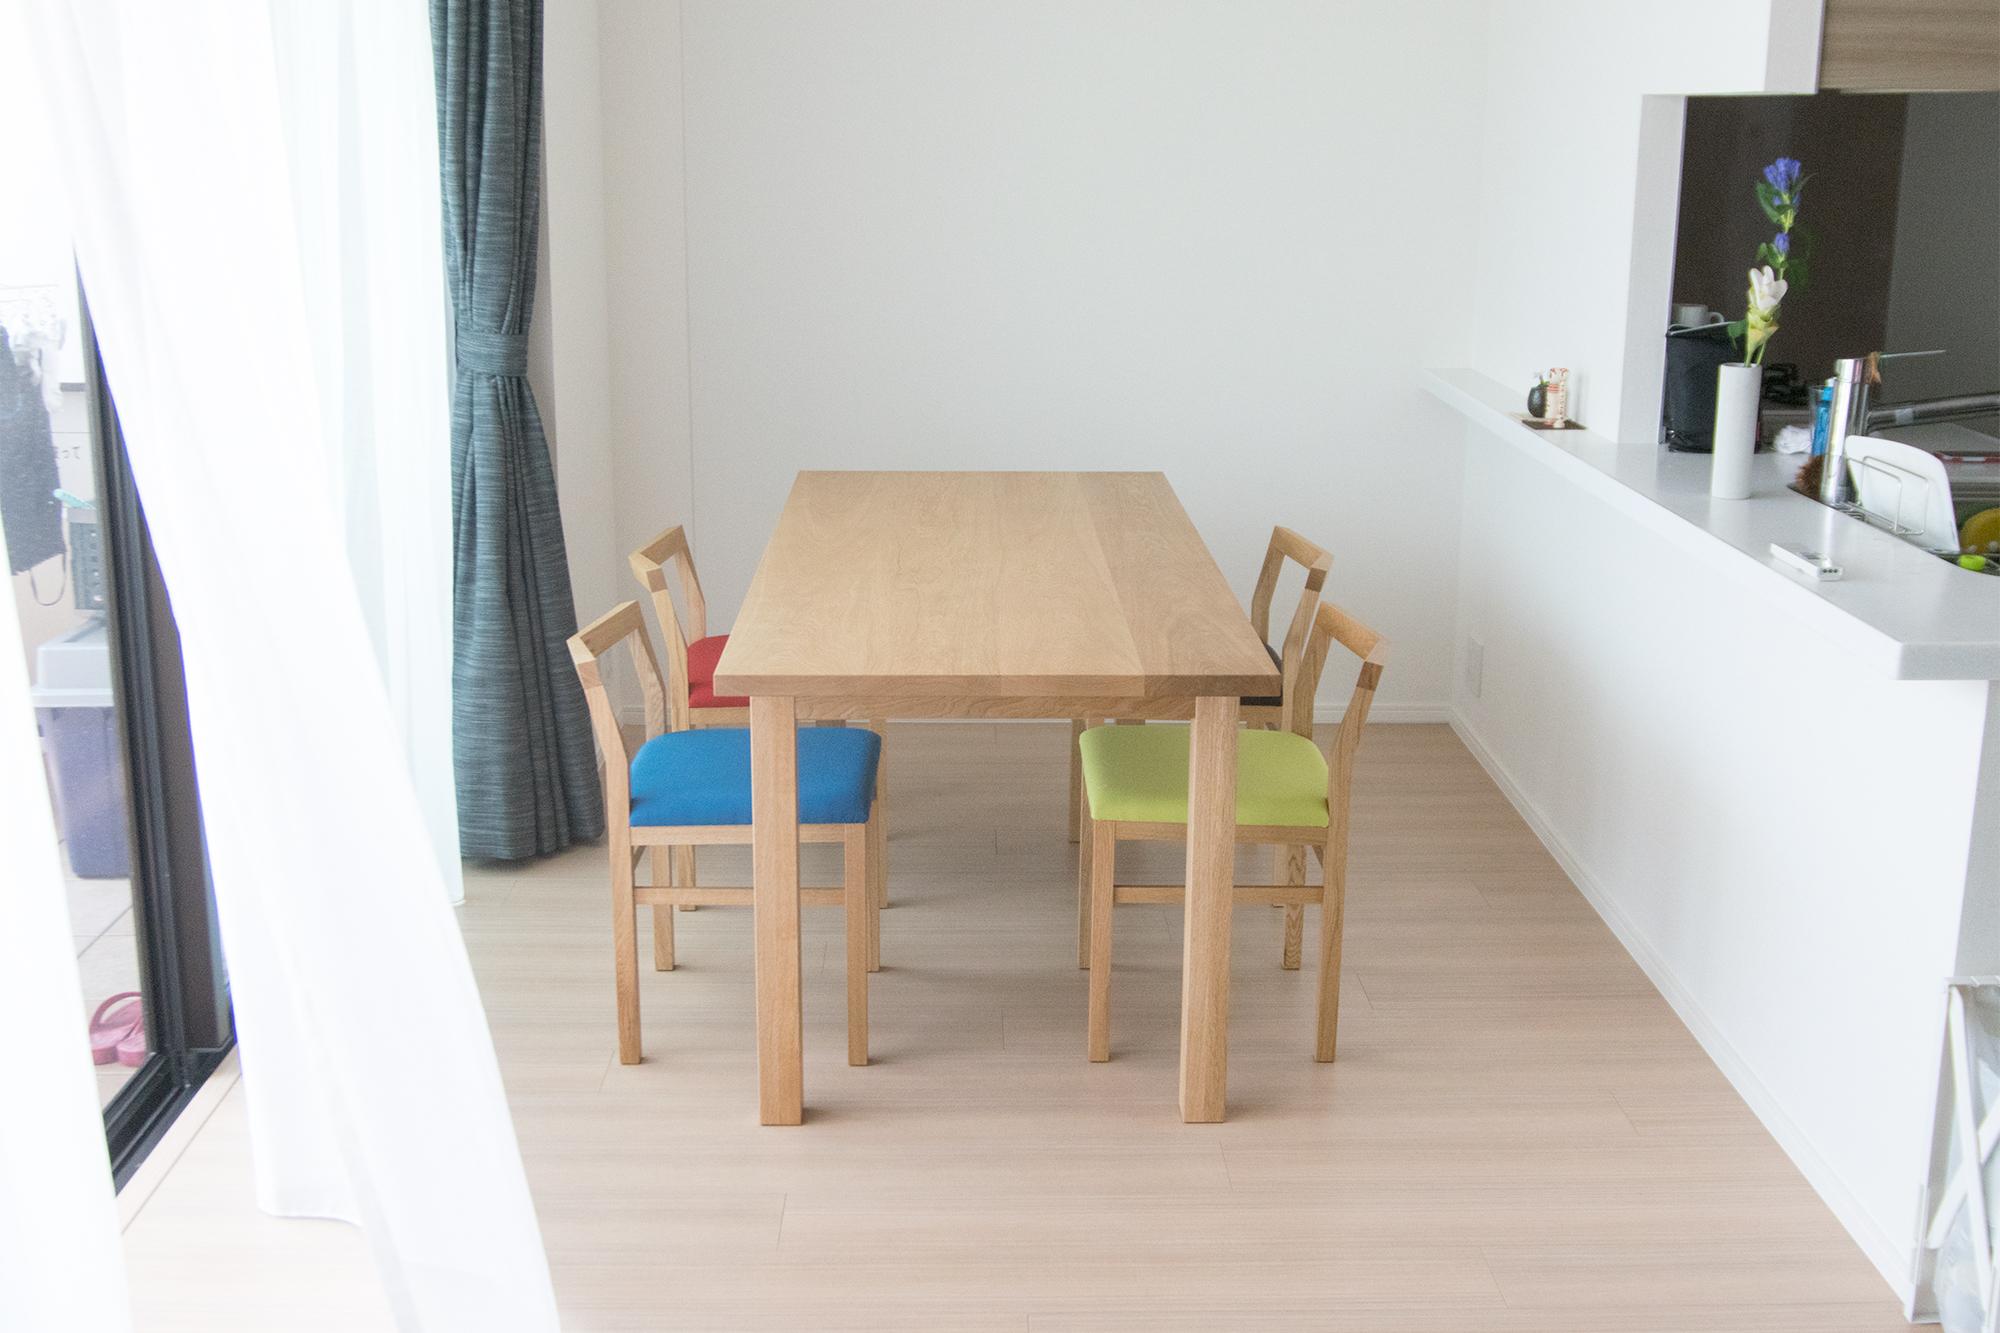 ナラ材で製作したスタンダードテーブルと、ピコチェアを合わせたダイニングテーブル、ご納品の様子です